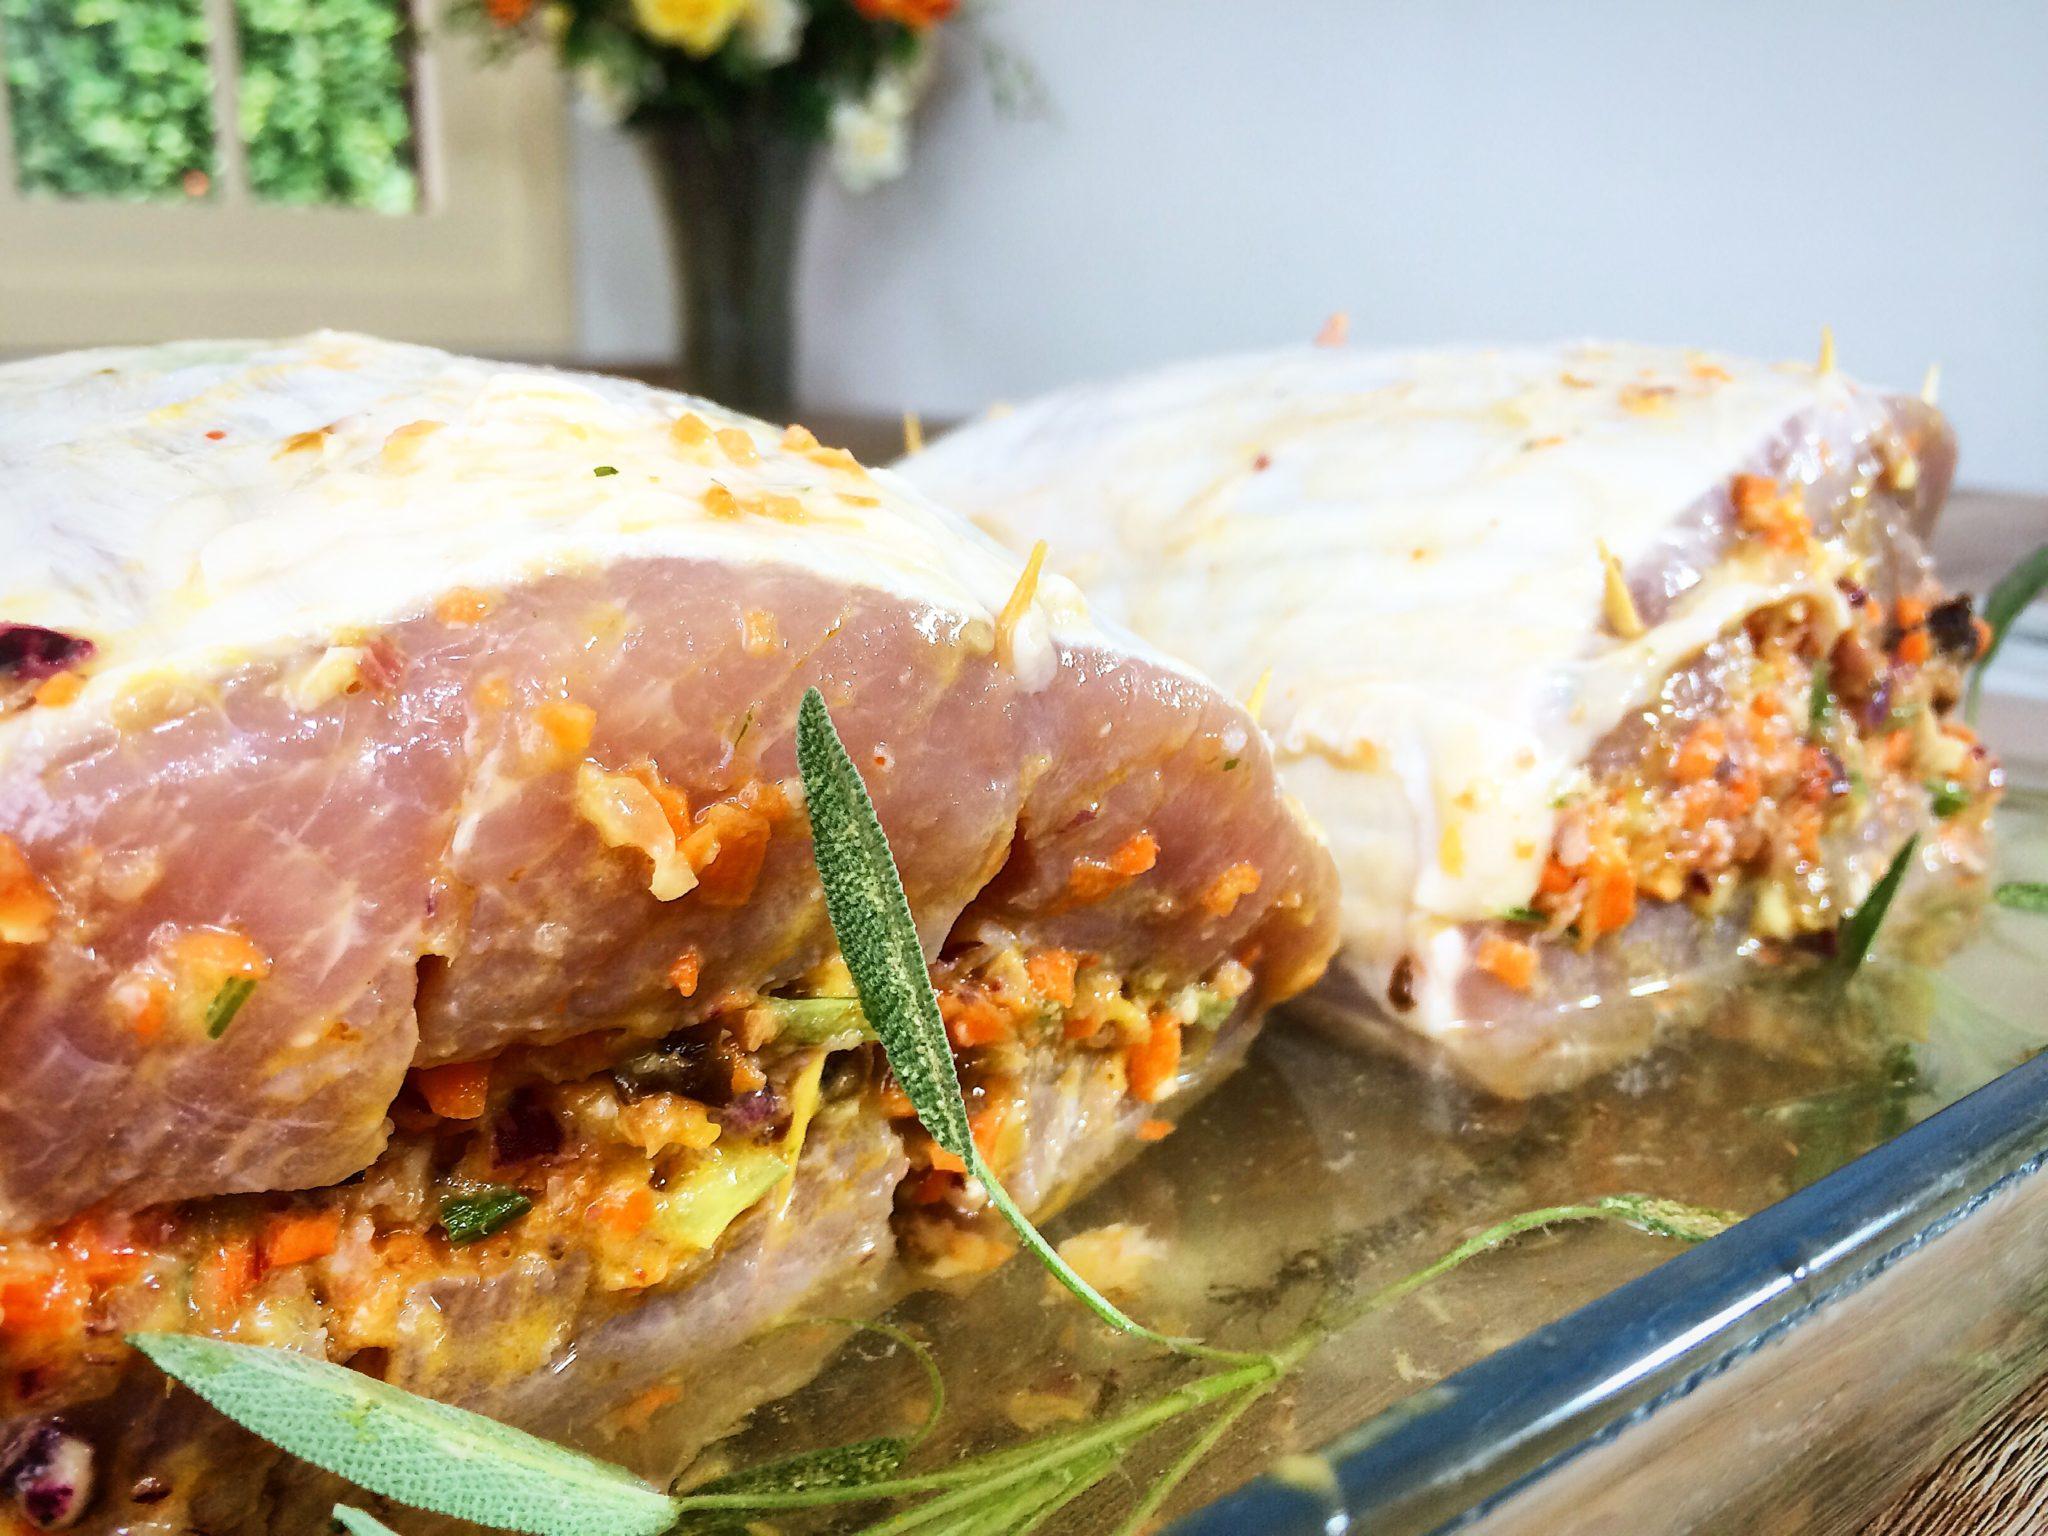 Lombo de porco recheado marinando